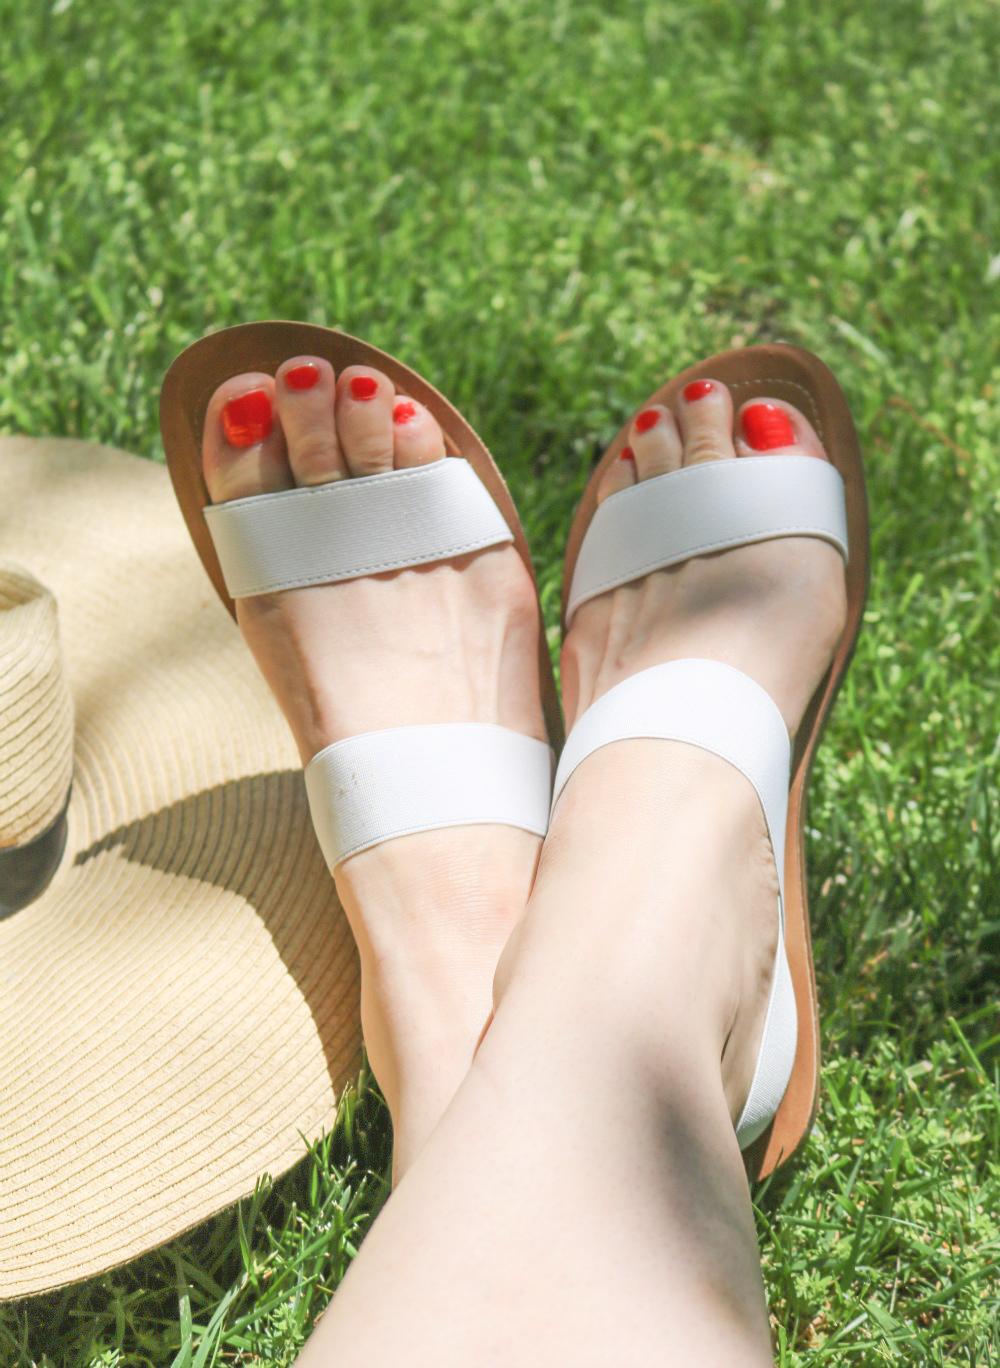 Affordable Sandals Under $50 I Dreaminlace.com